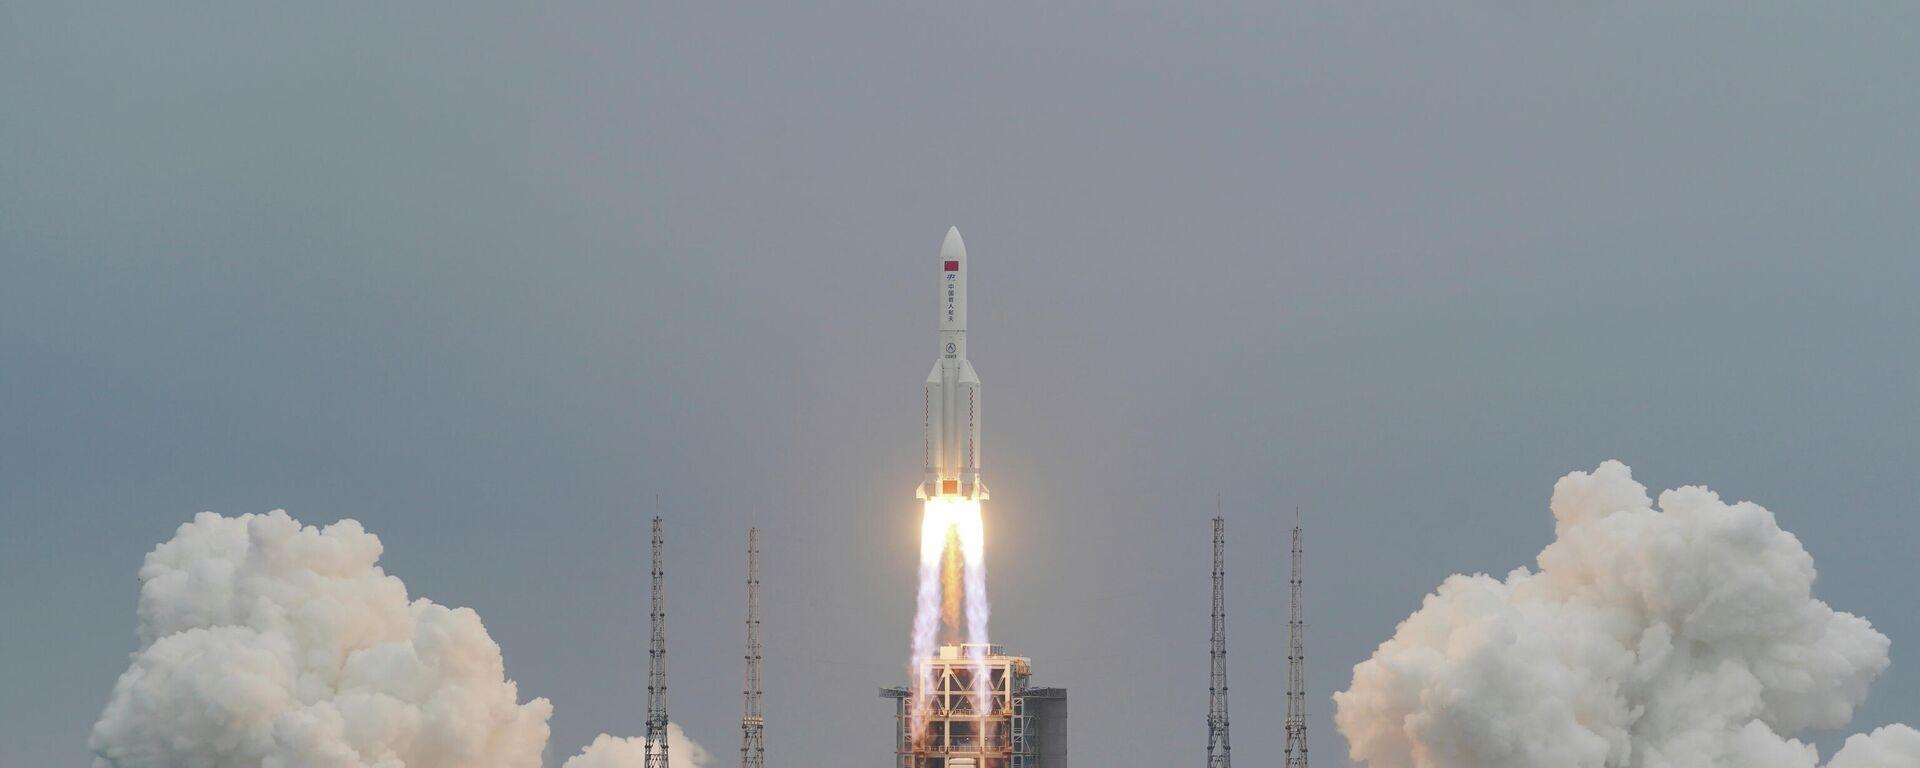 China startet Rakete für Bau neuer Weltraumstation - SNA, 1920, 29.04.2021